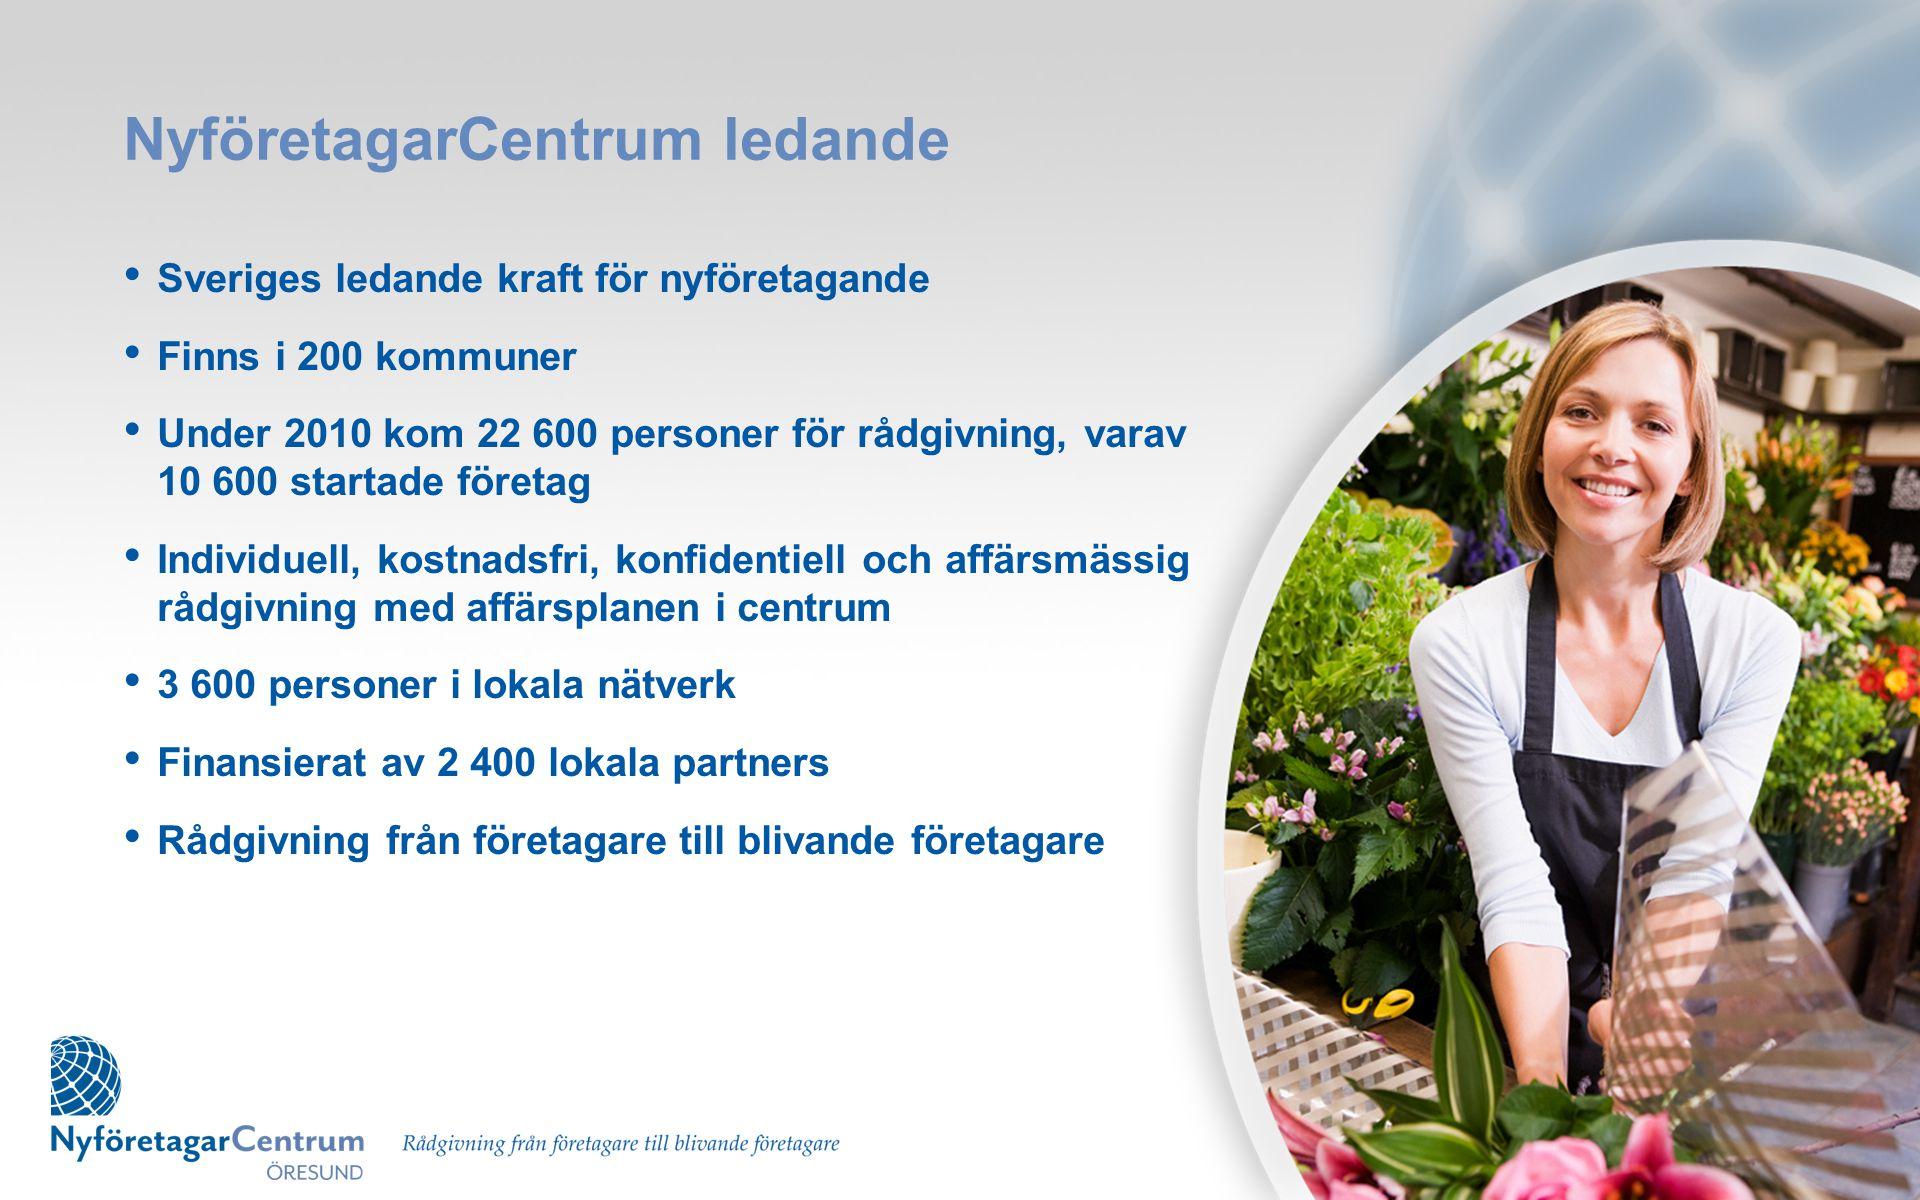 NyföretagarCentrum ledande • Sveriges ledande kraft för nyföretagande • Finns i 200 kommuner • Under 2010 kom 22 600 personer för rådgivning, varav 10